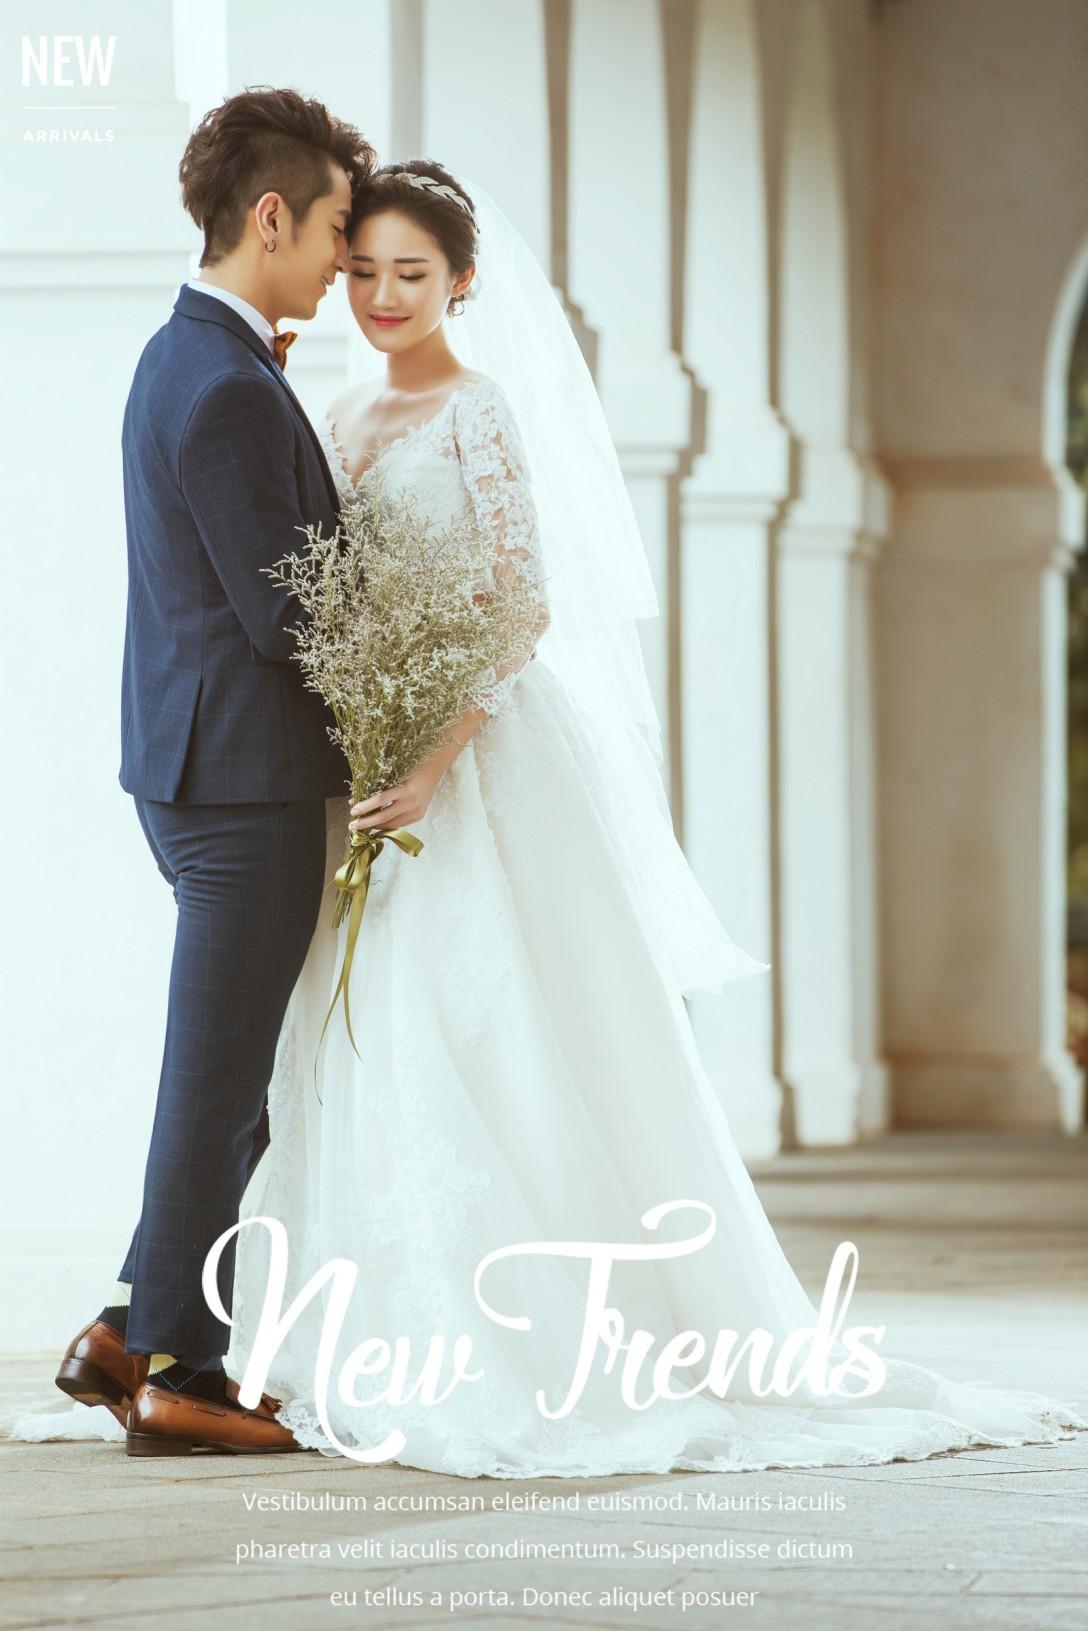 自助婚紗,自助婚紗推薦,自助婚紗風格,婚紗照,e7b693e585b8e99f93e9a2a801